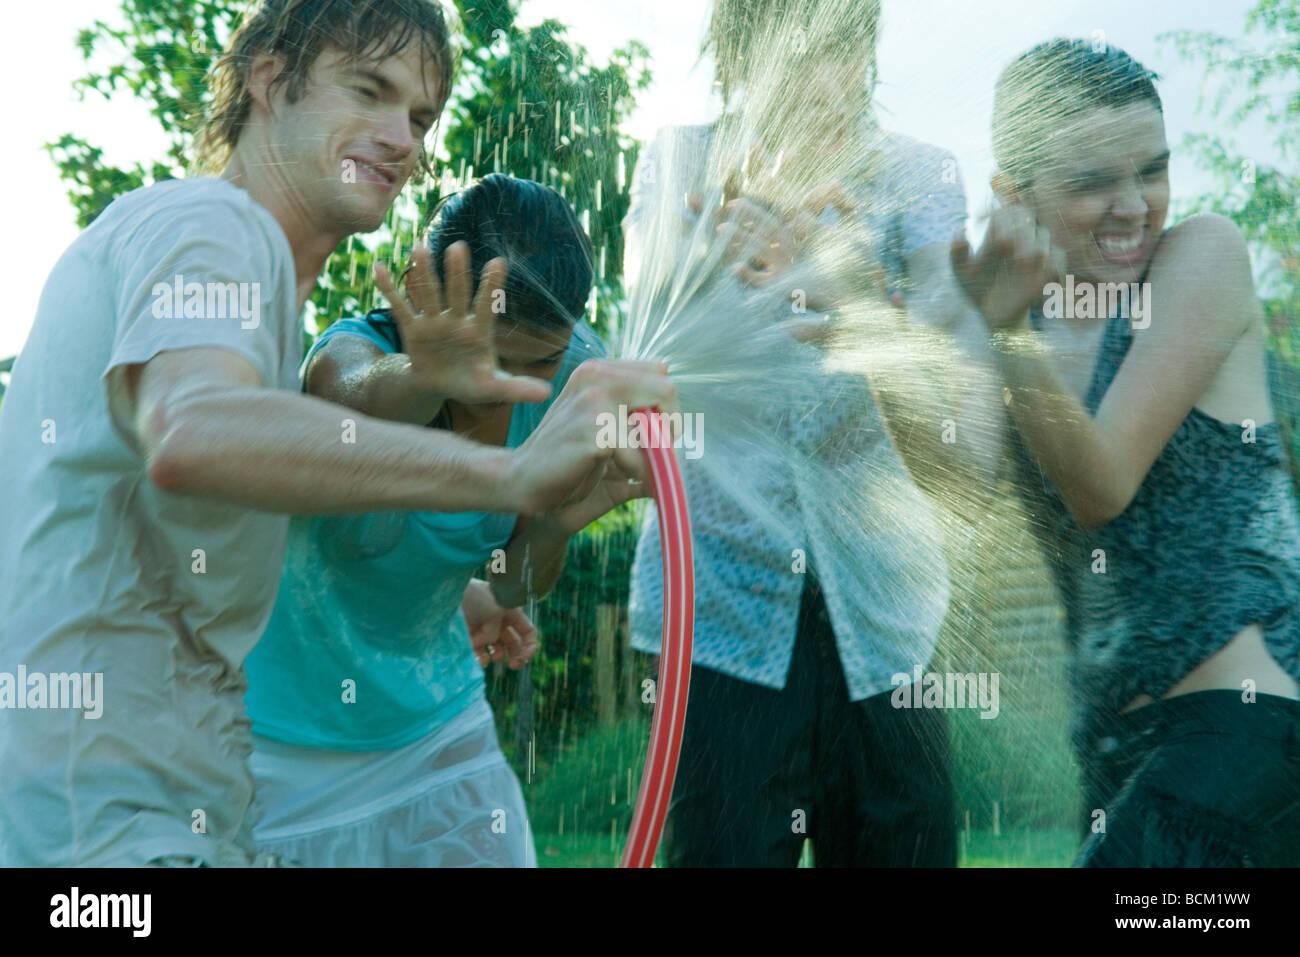 Jeunes amis d'avoir de l'eau lutte avec tuyau de jardin Photo Stock